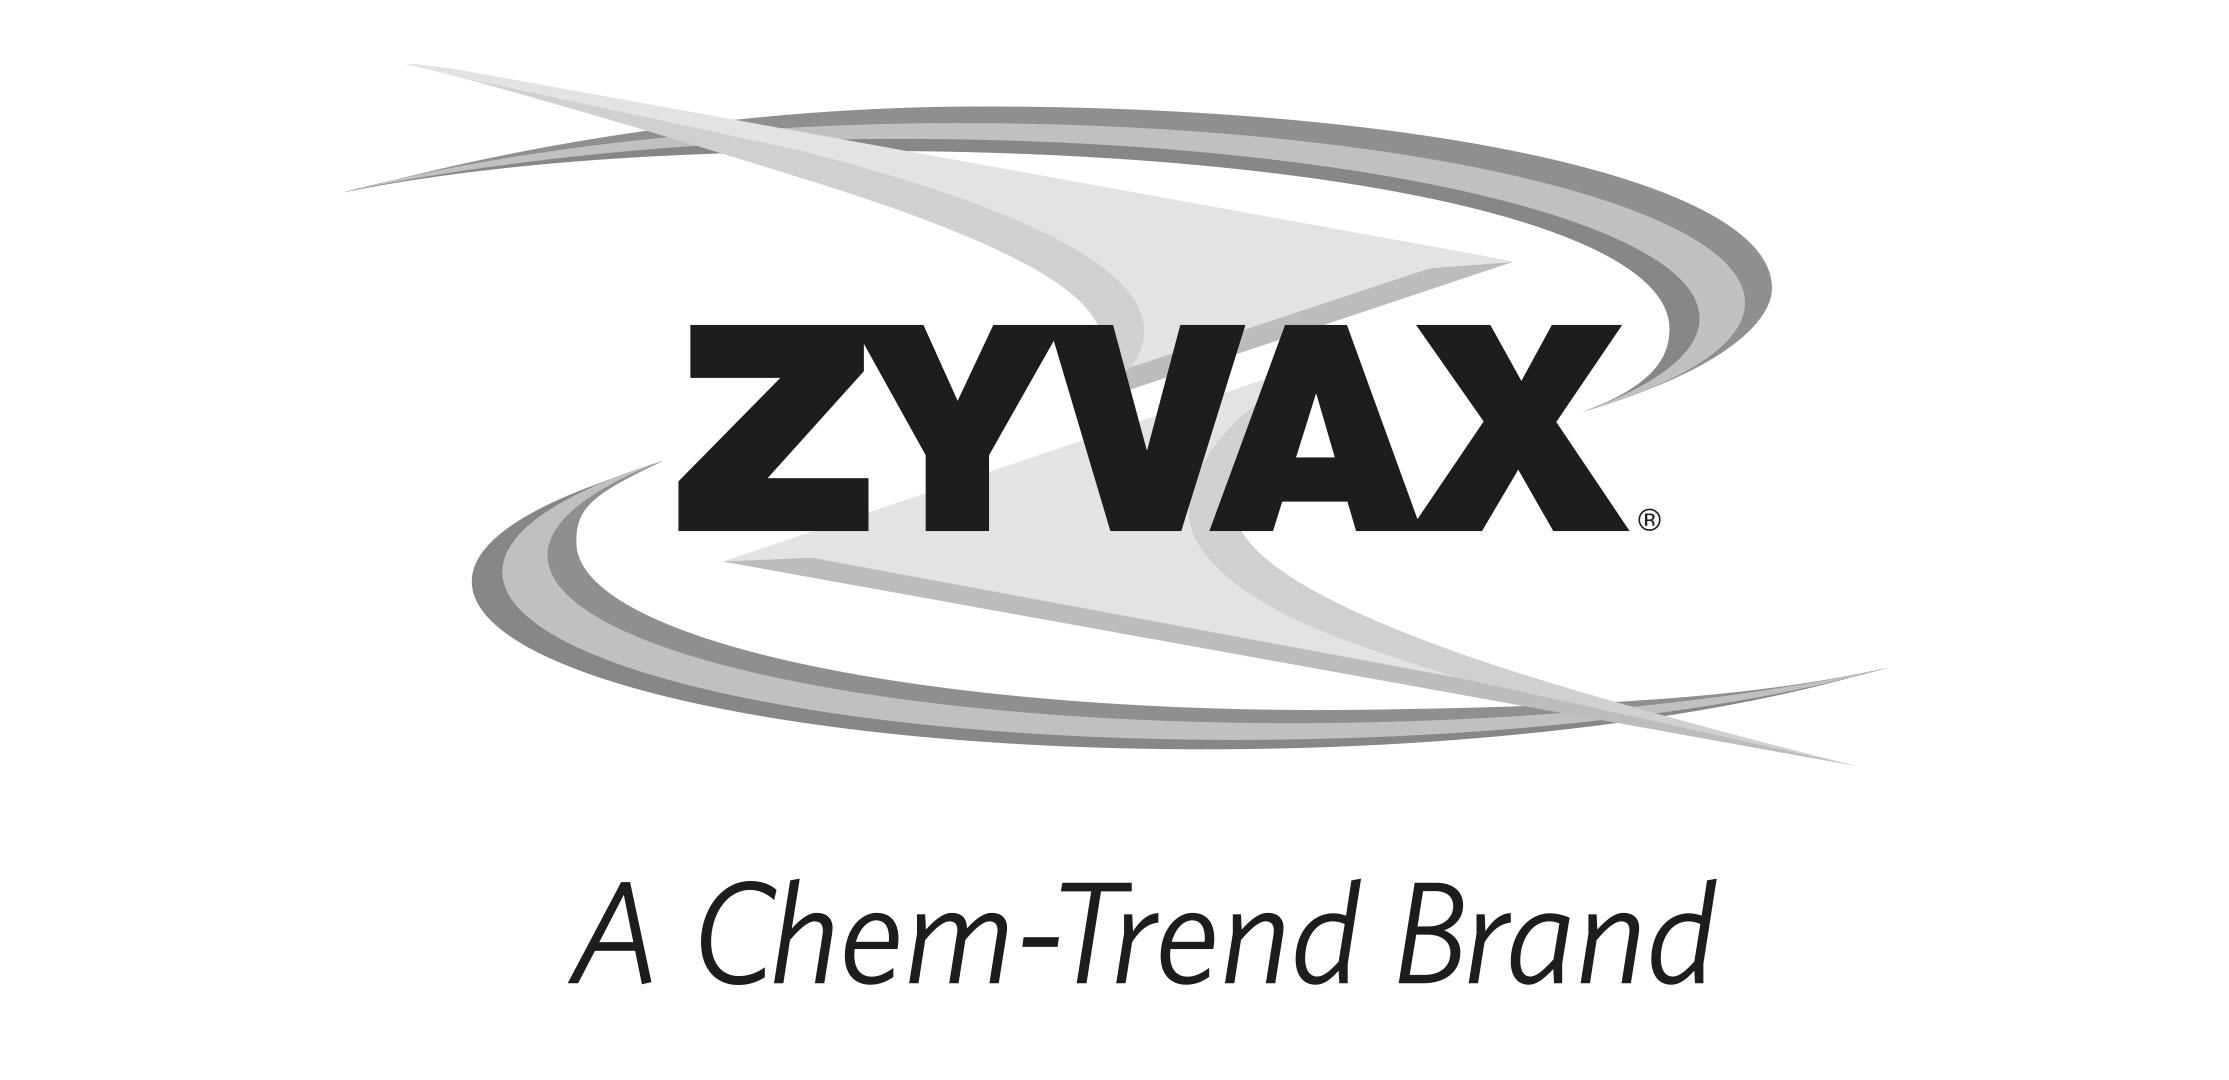 Chem trend Zyvax